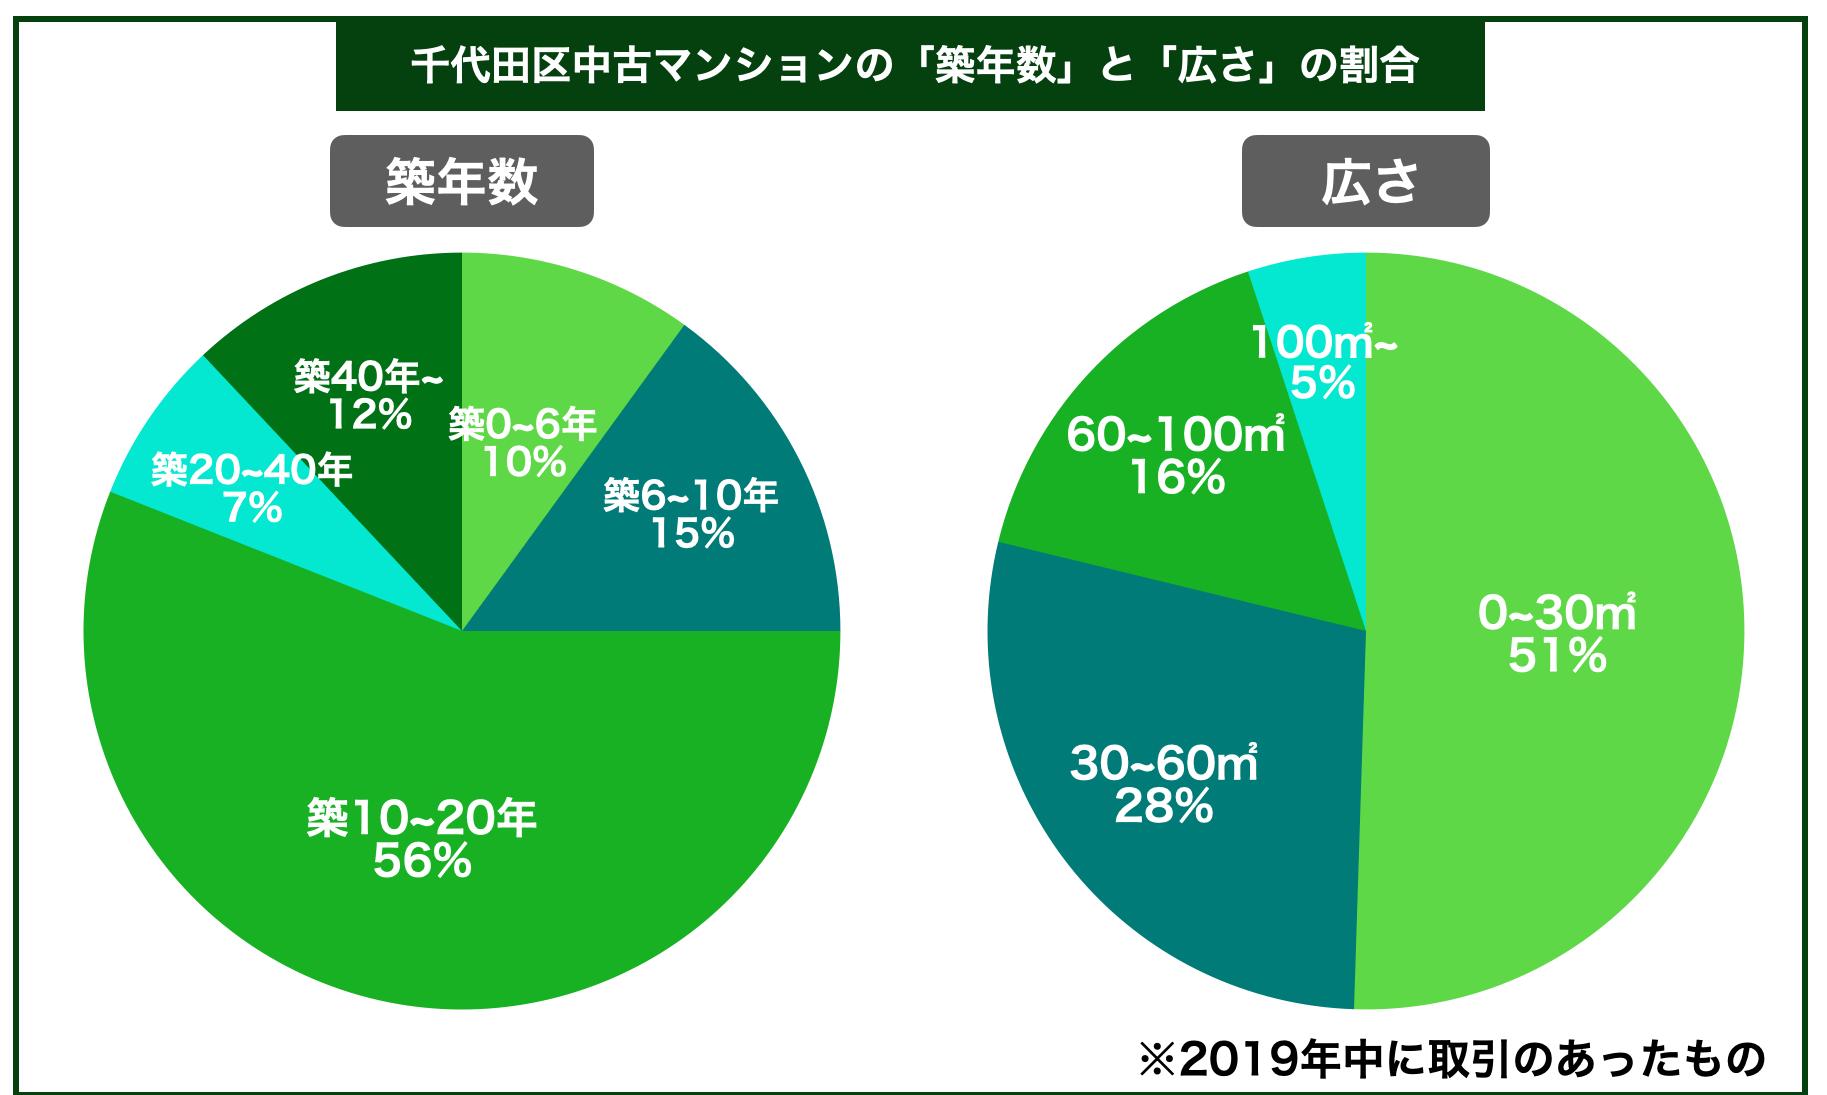 千代田区中古マンション築年数広さ割合